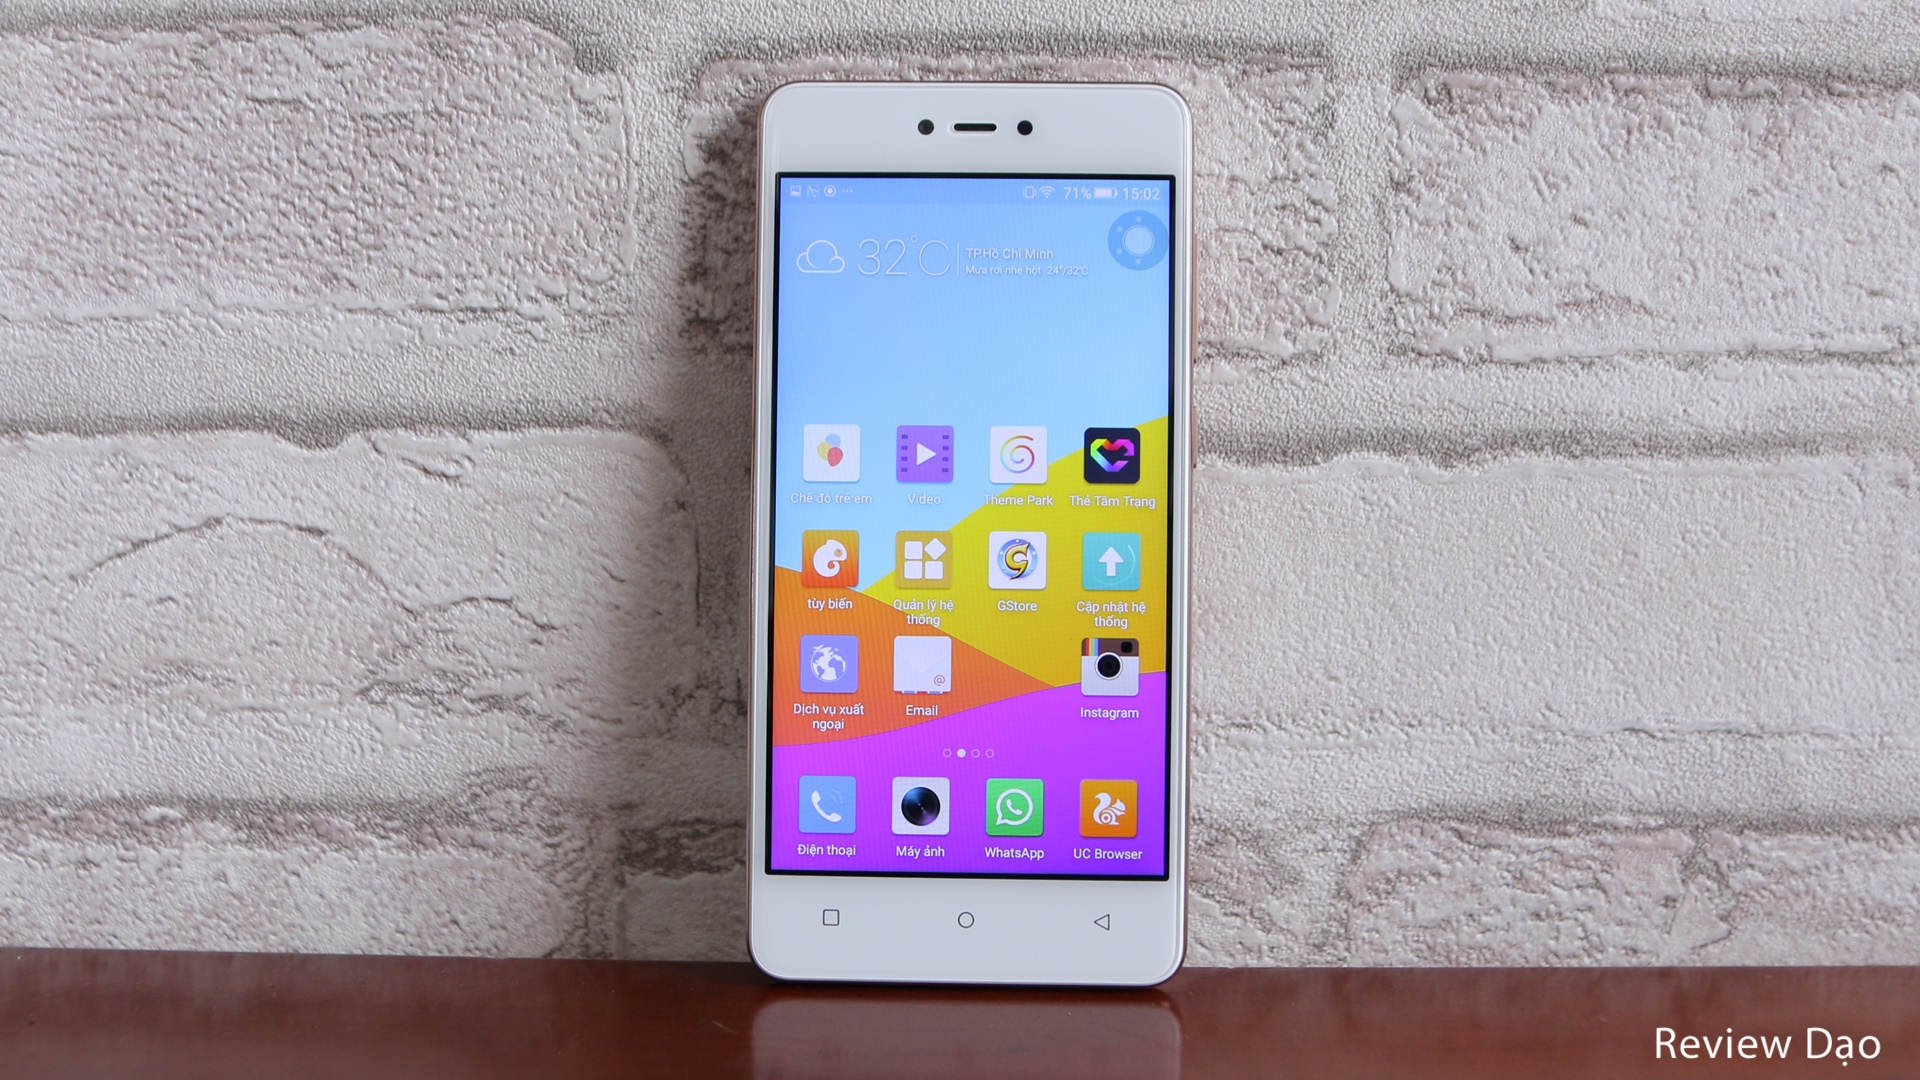 Đánh giá chi tiết Gionee F103 Pro: chính hãng 3 triệu, 3GB RAM, camera selfie tốt